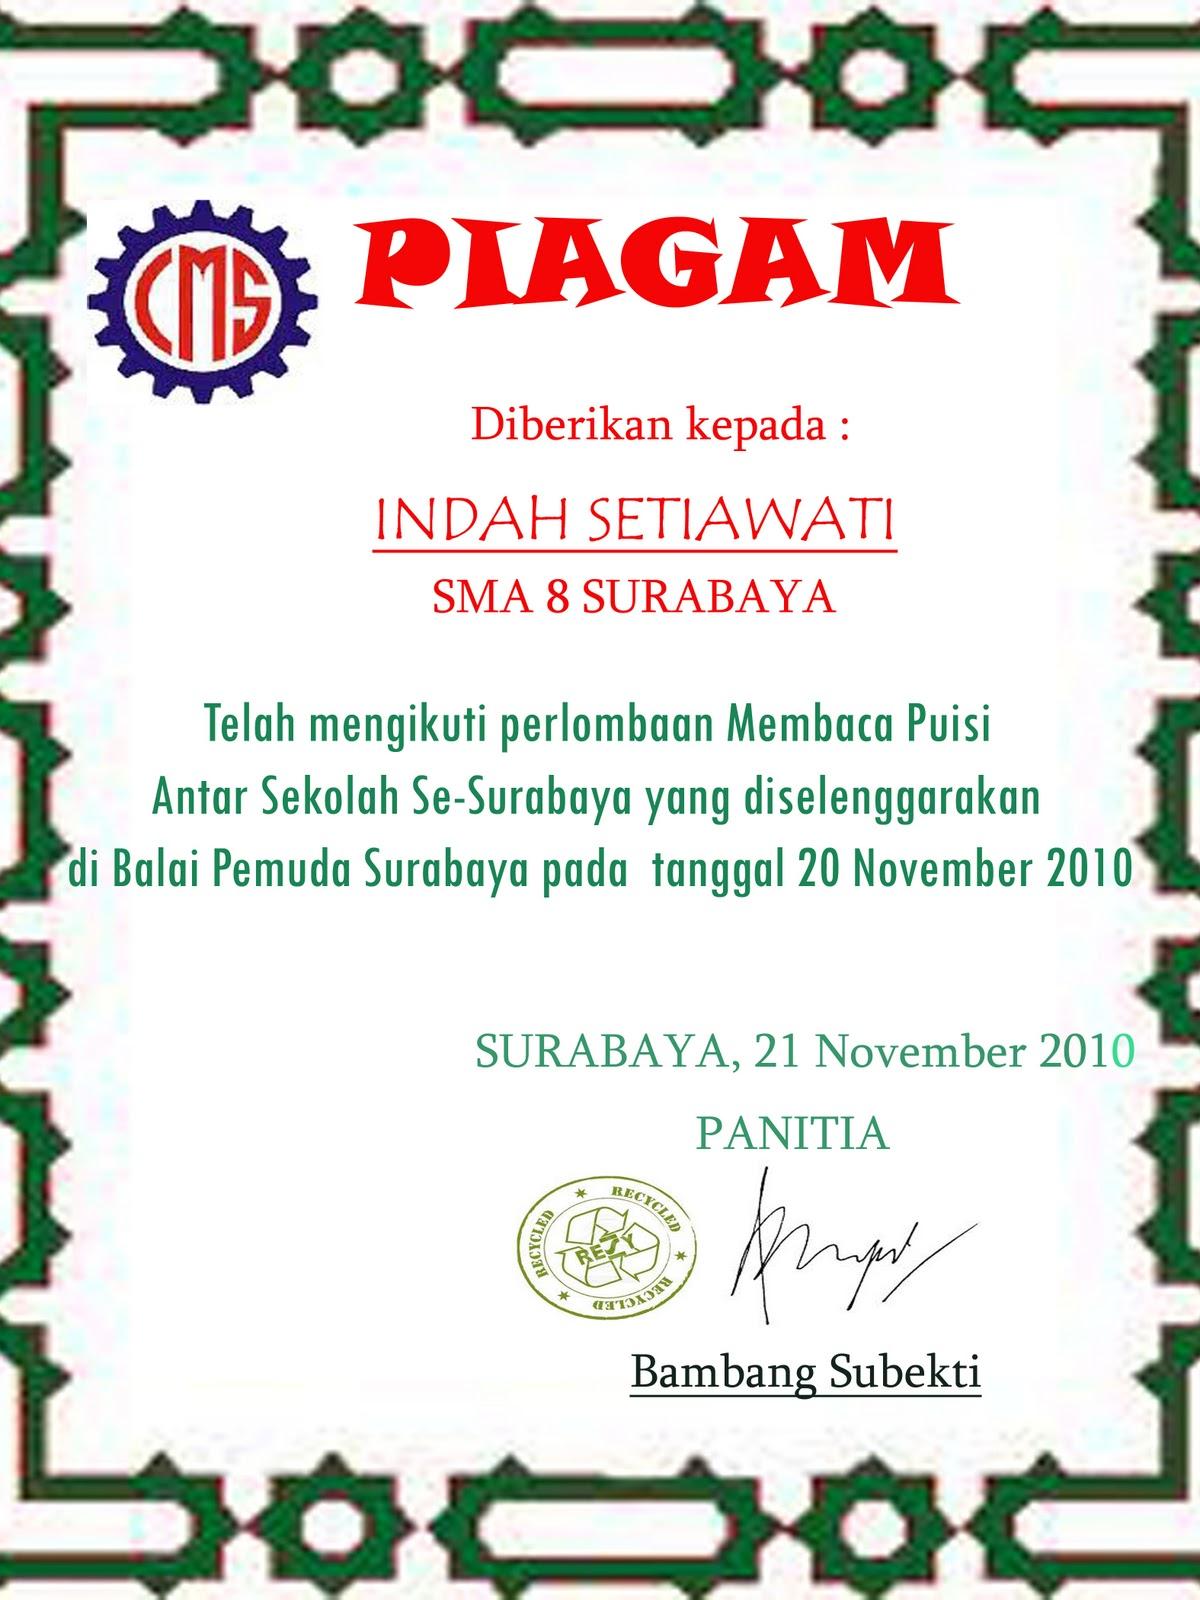 Iendahsmansby Piagam